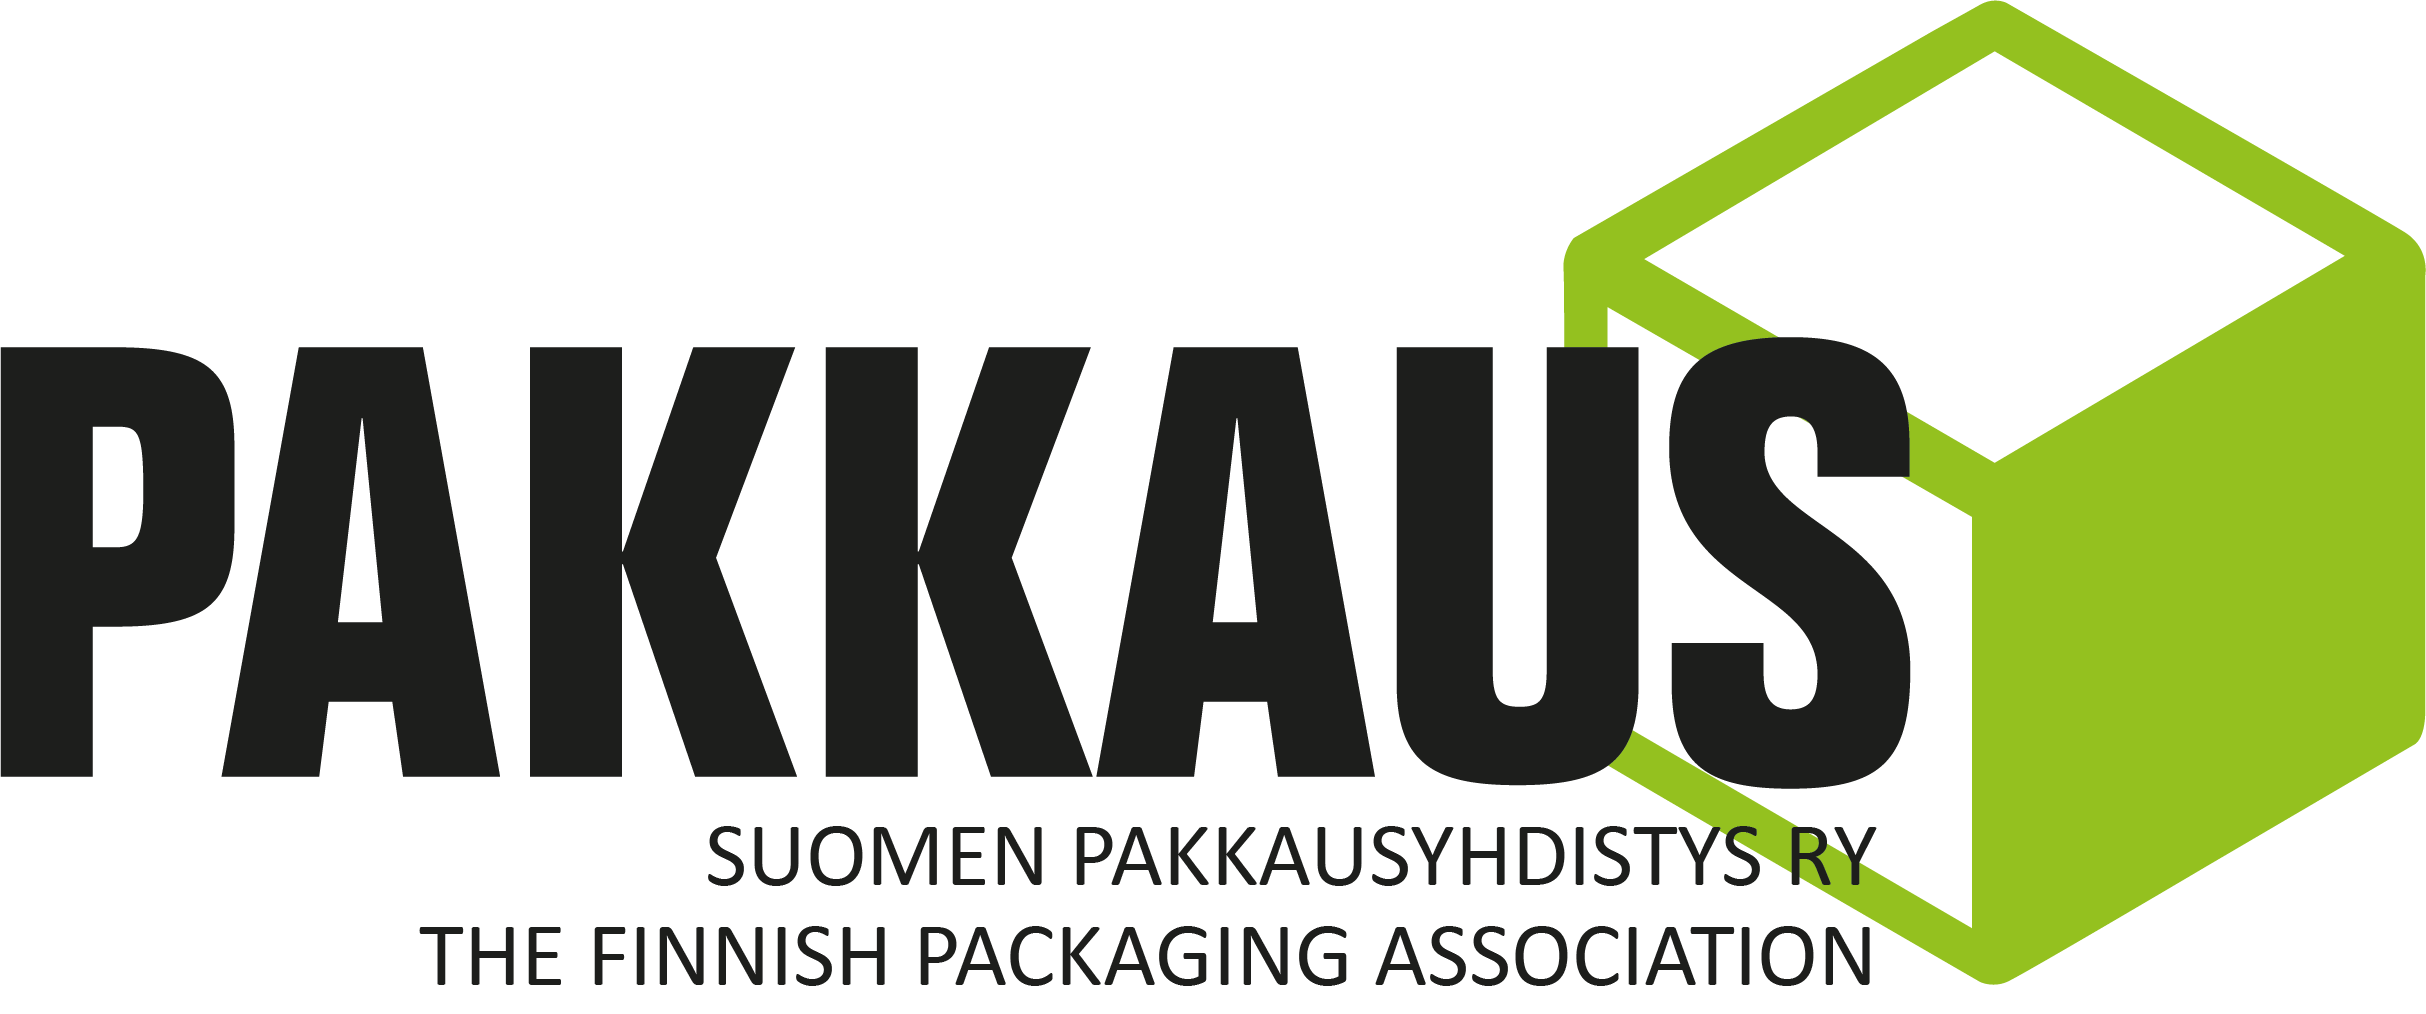 Suomen Pakkausyhdistys ry